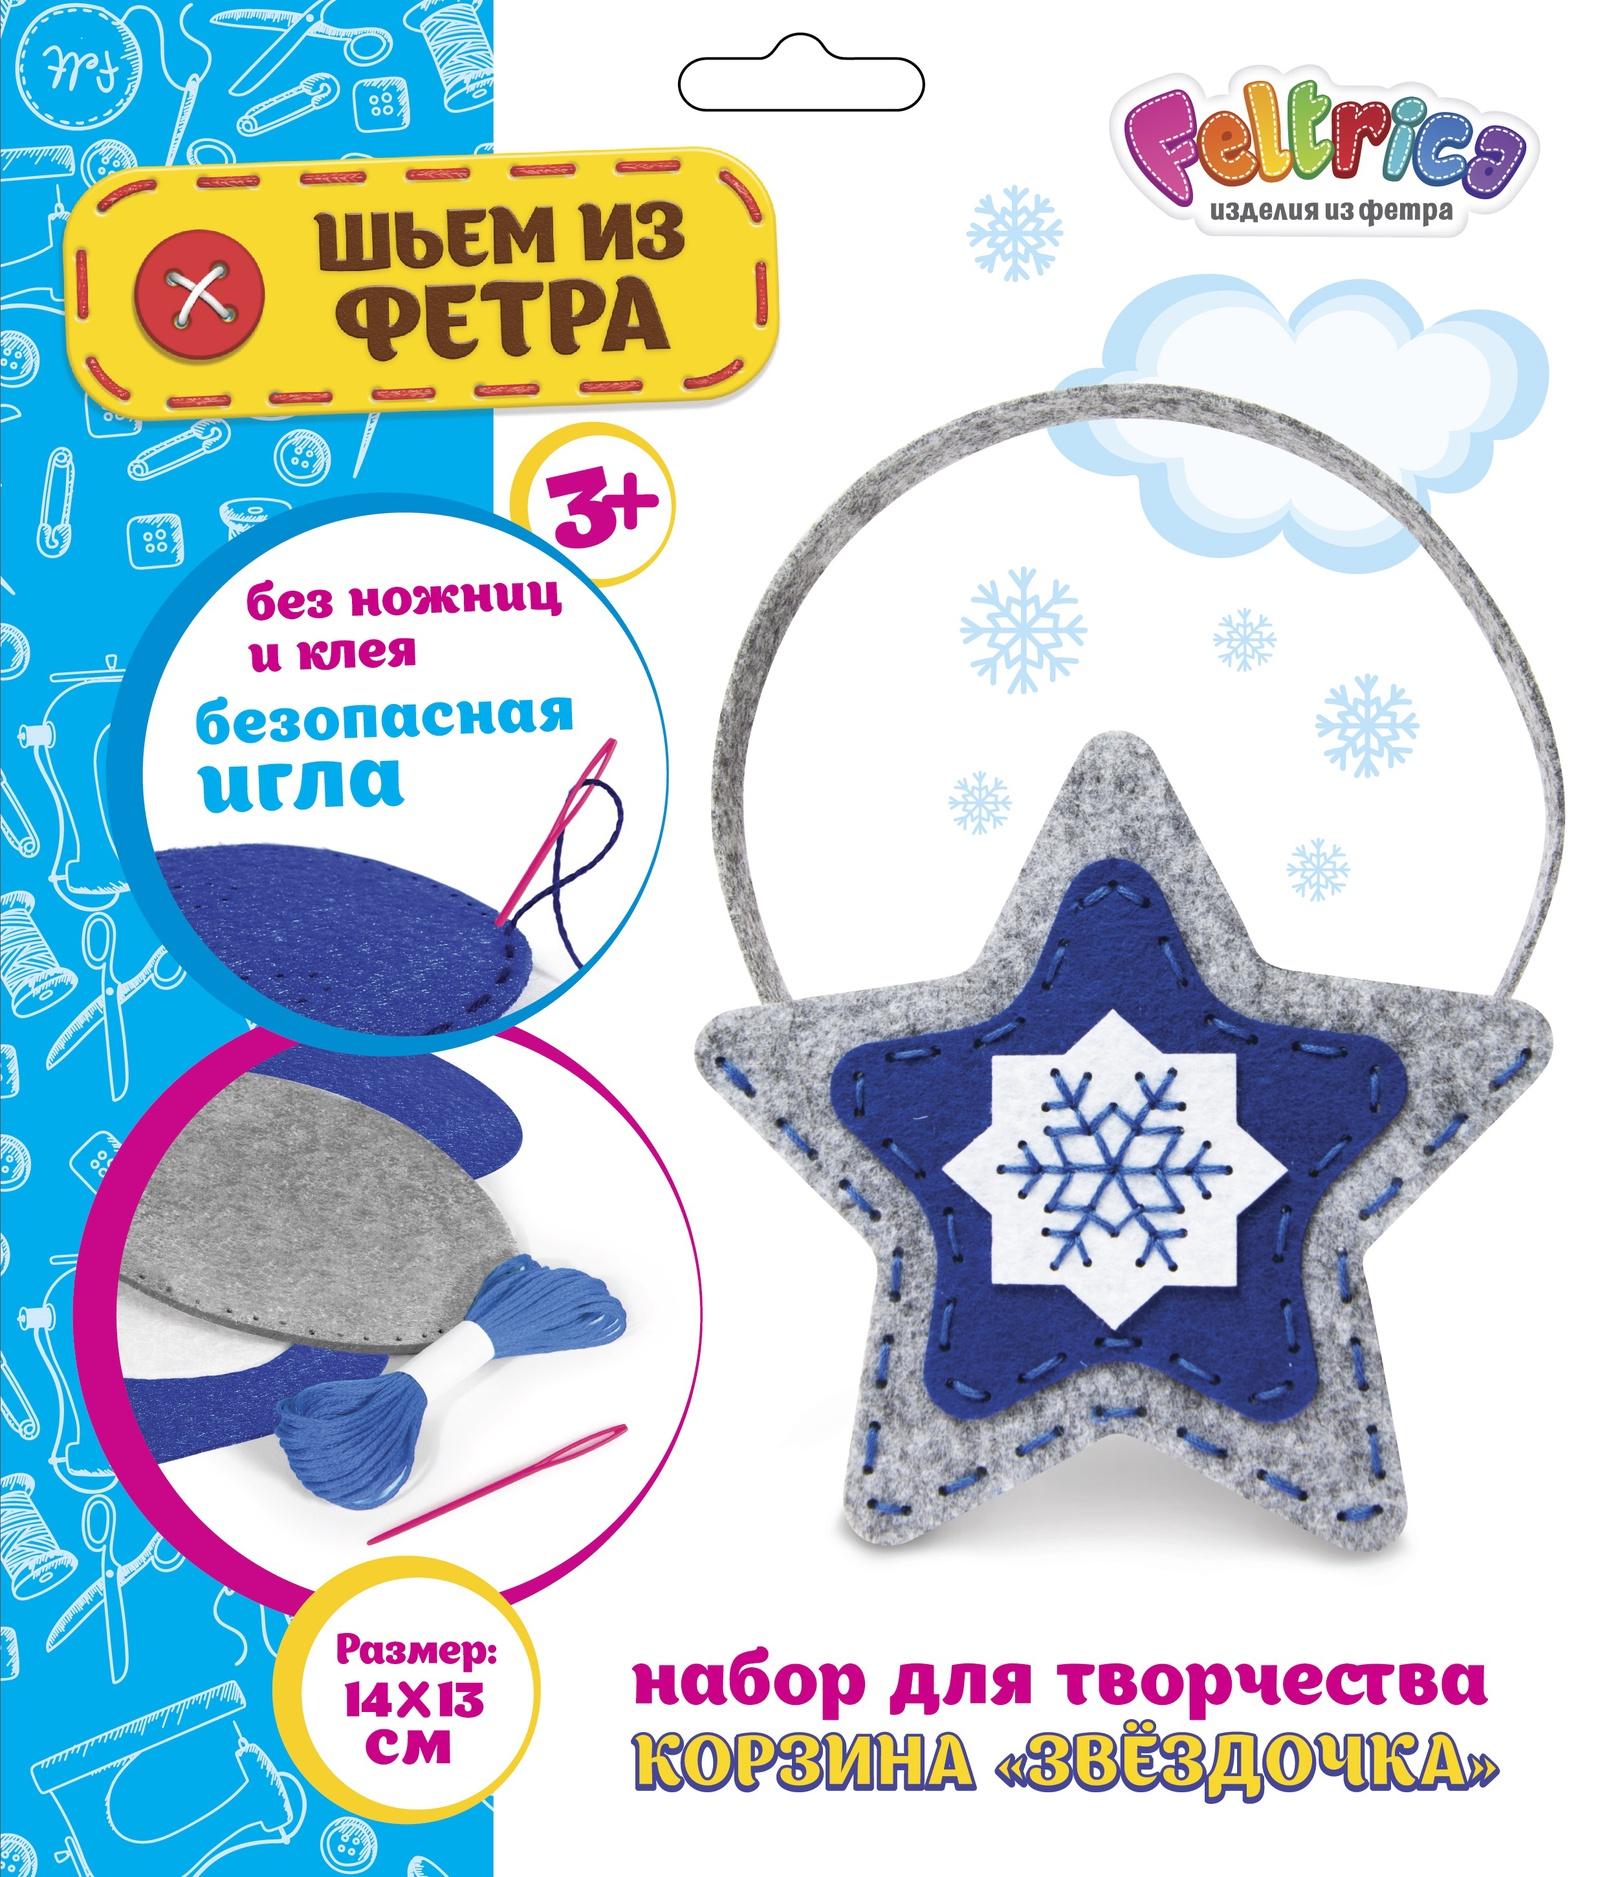 купить Набор для изготовления игрушки Feltrica Звезда, 4627151963075 по цене 139 рублей